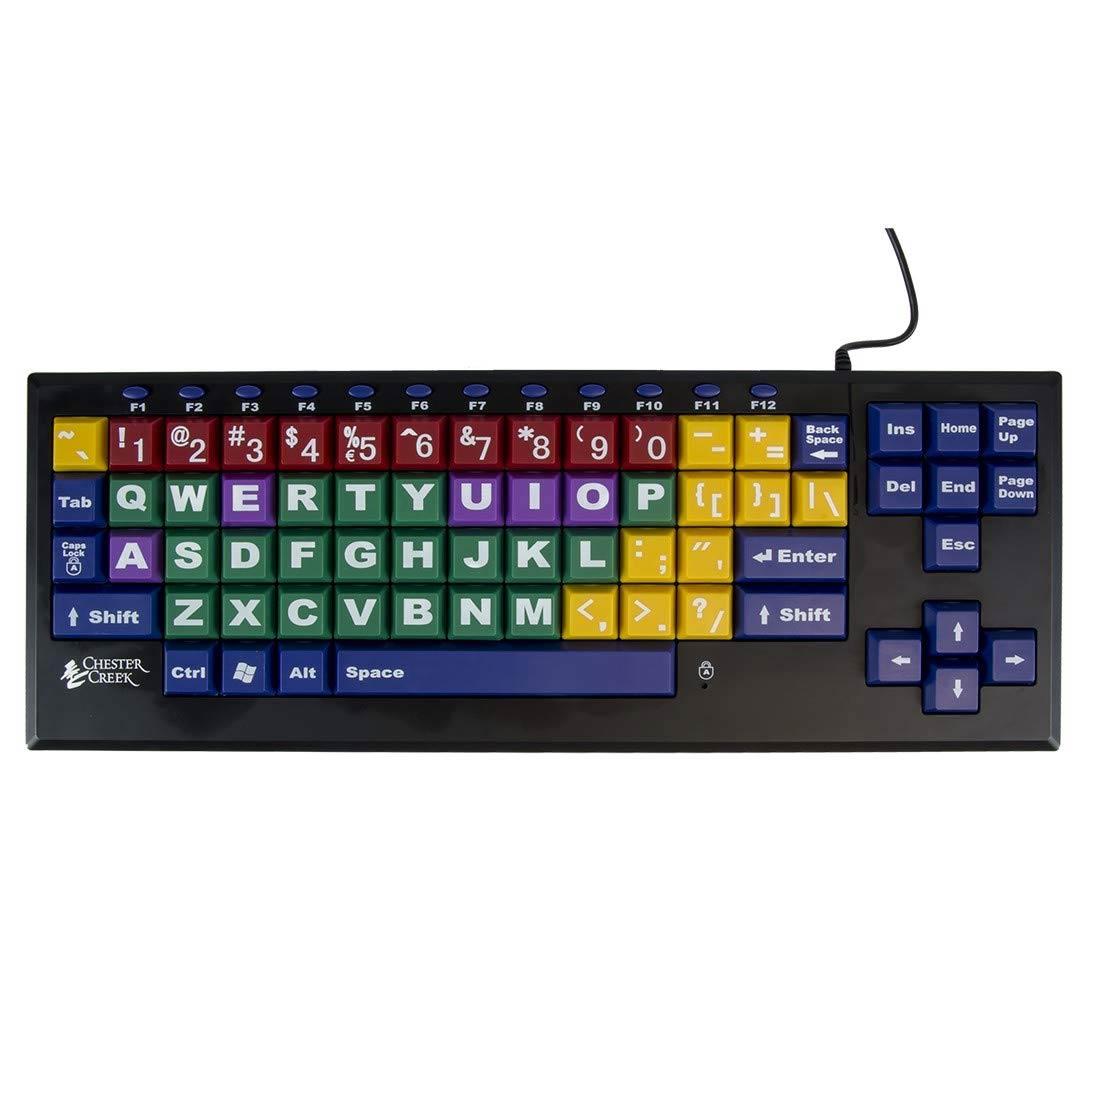 Ablenet Kinderboard | Ablenet Keyboard